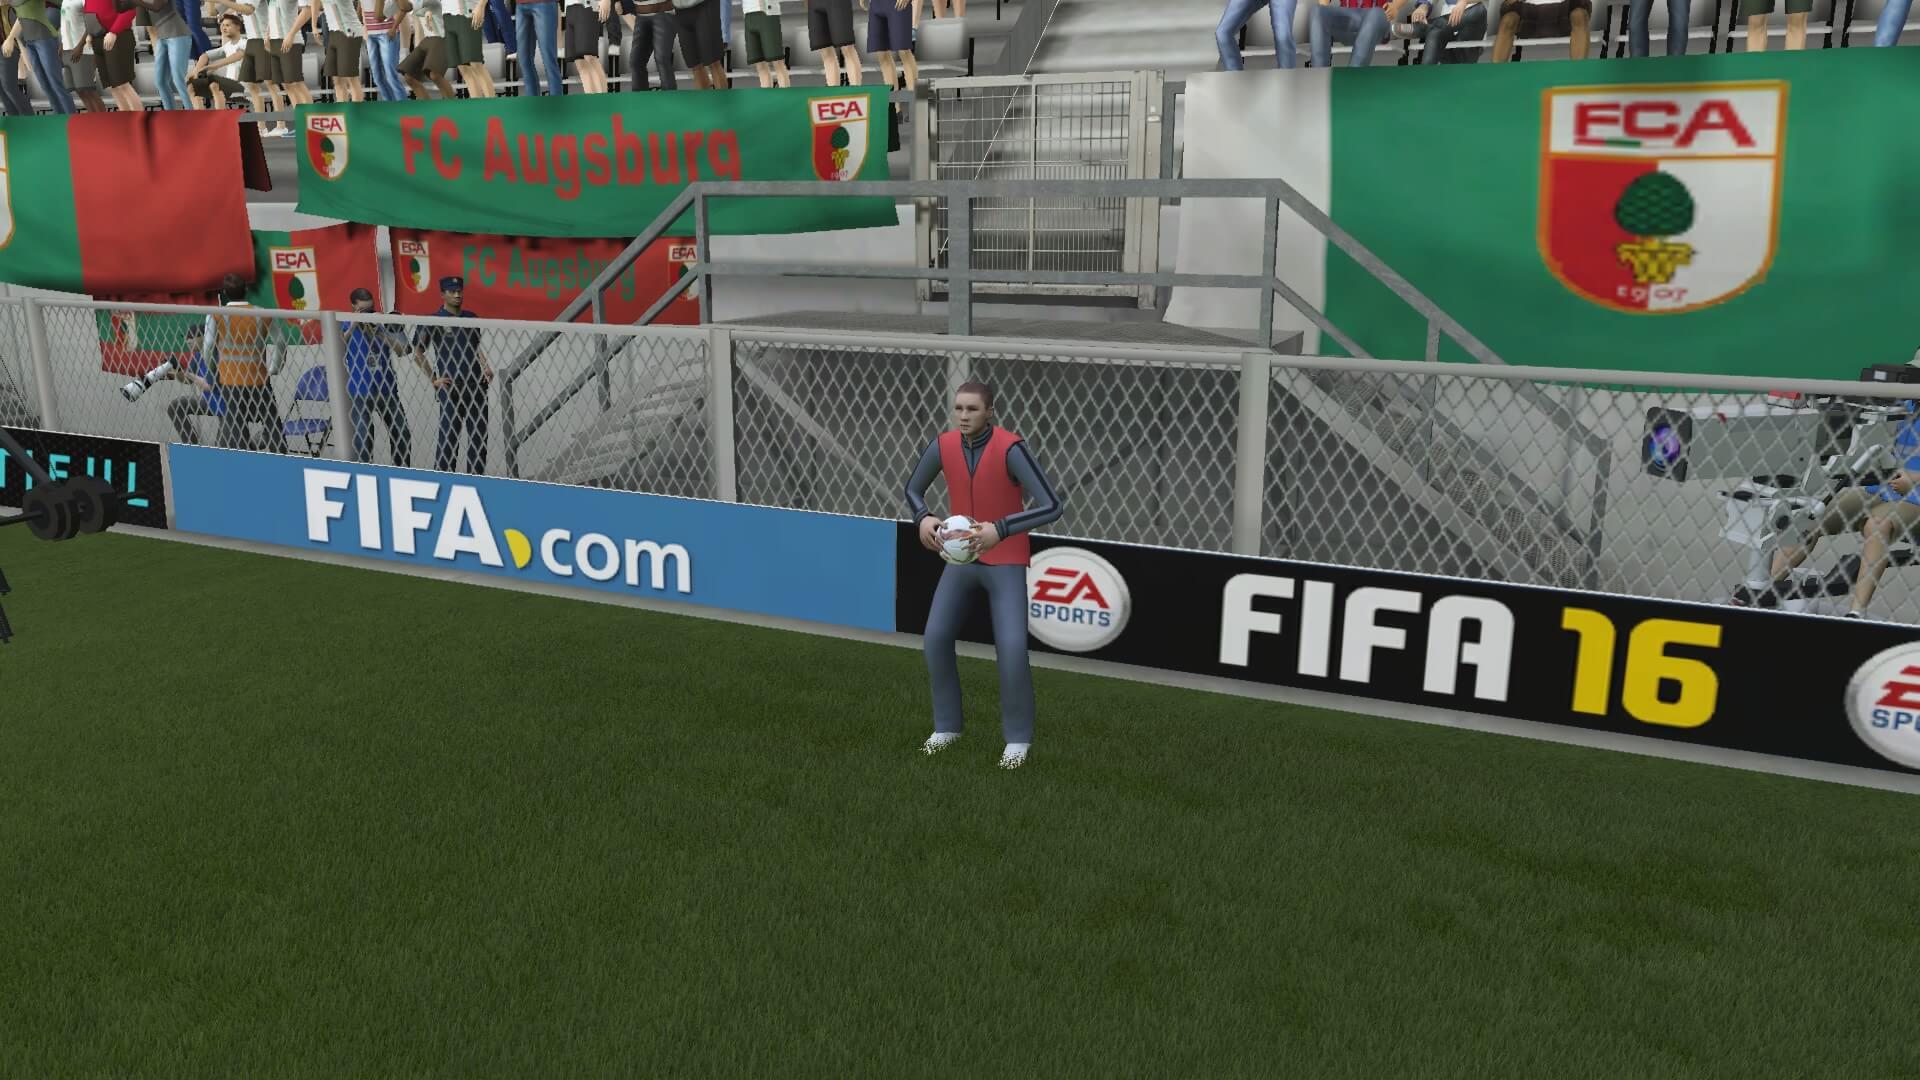 FIFA 16 Balljunge